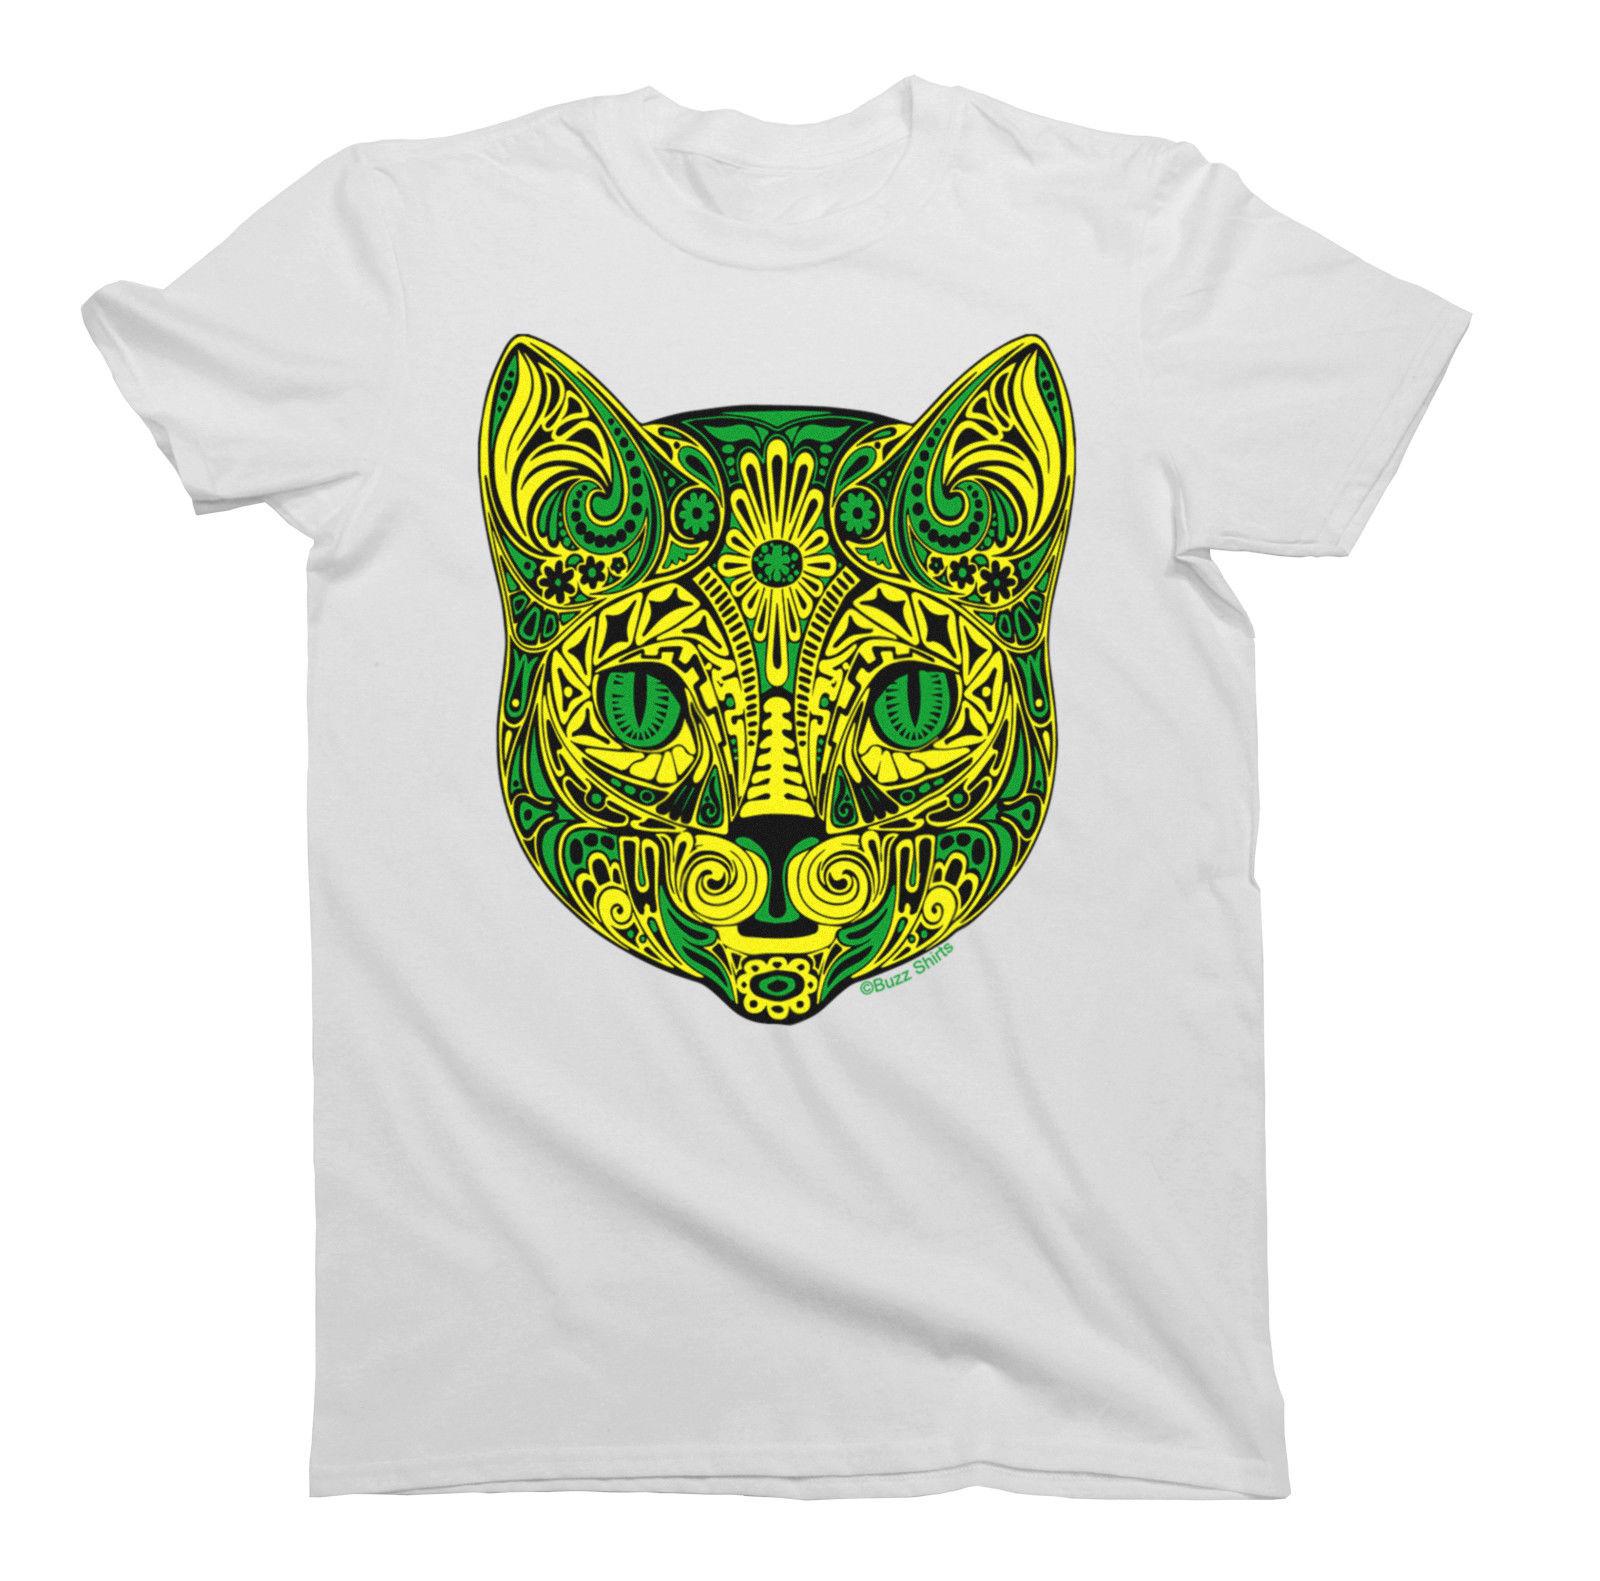 Tribal Flower CAT T-Shirt Mens Animal Pet Cats TATTOO ART Gift Tee Shirt